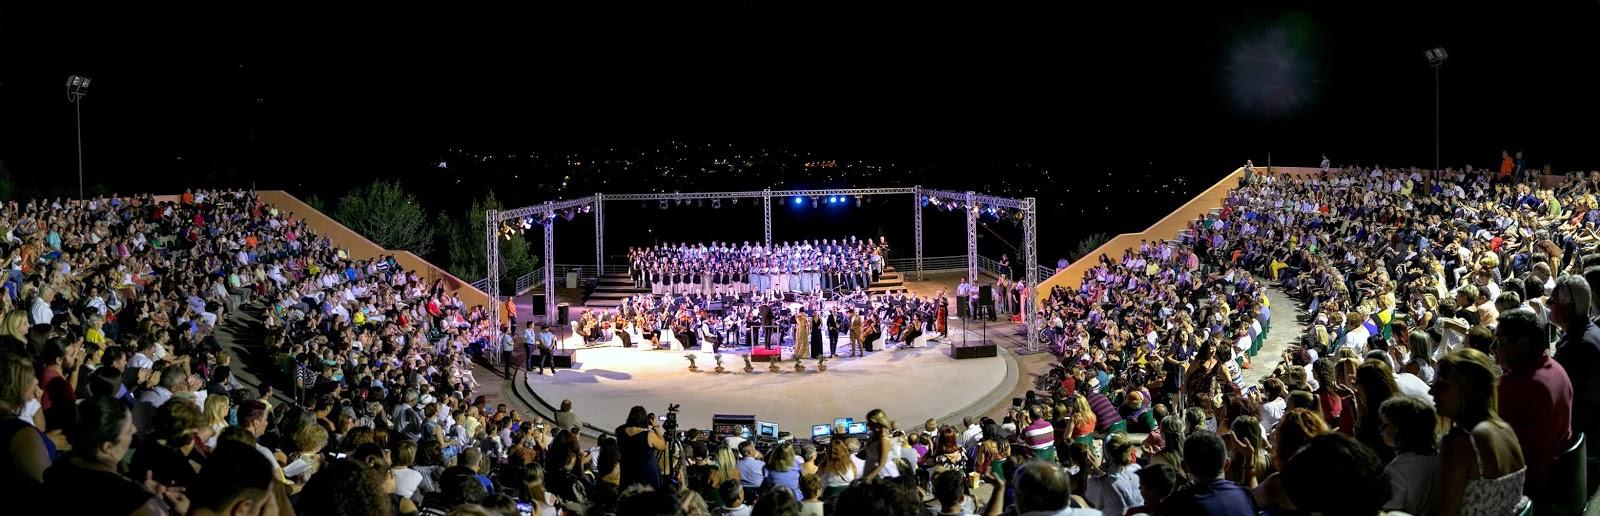 Συναυλία Συμφωνικής Ορχήστρας Νέων Ελλάδος - Video